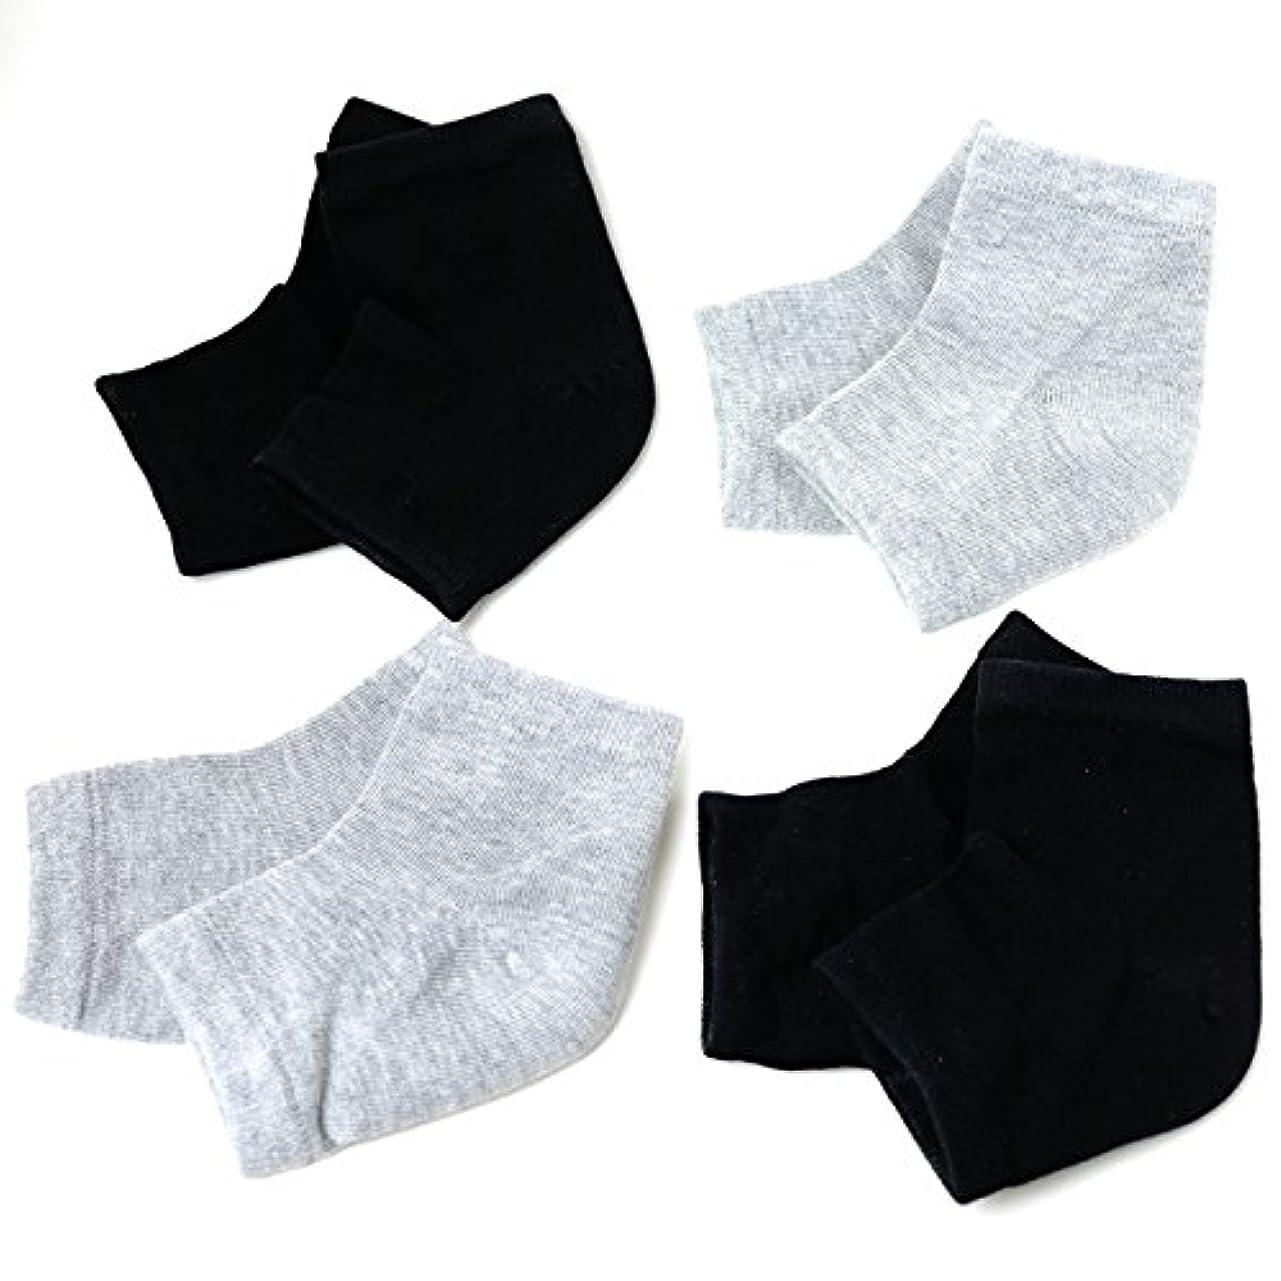 虚弱検出するとBanane D'or かかと 靴下 ソックス セット (黒×2 グレー×2)